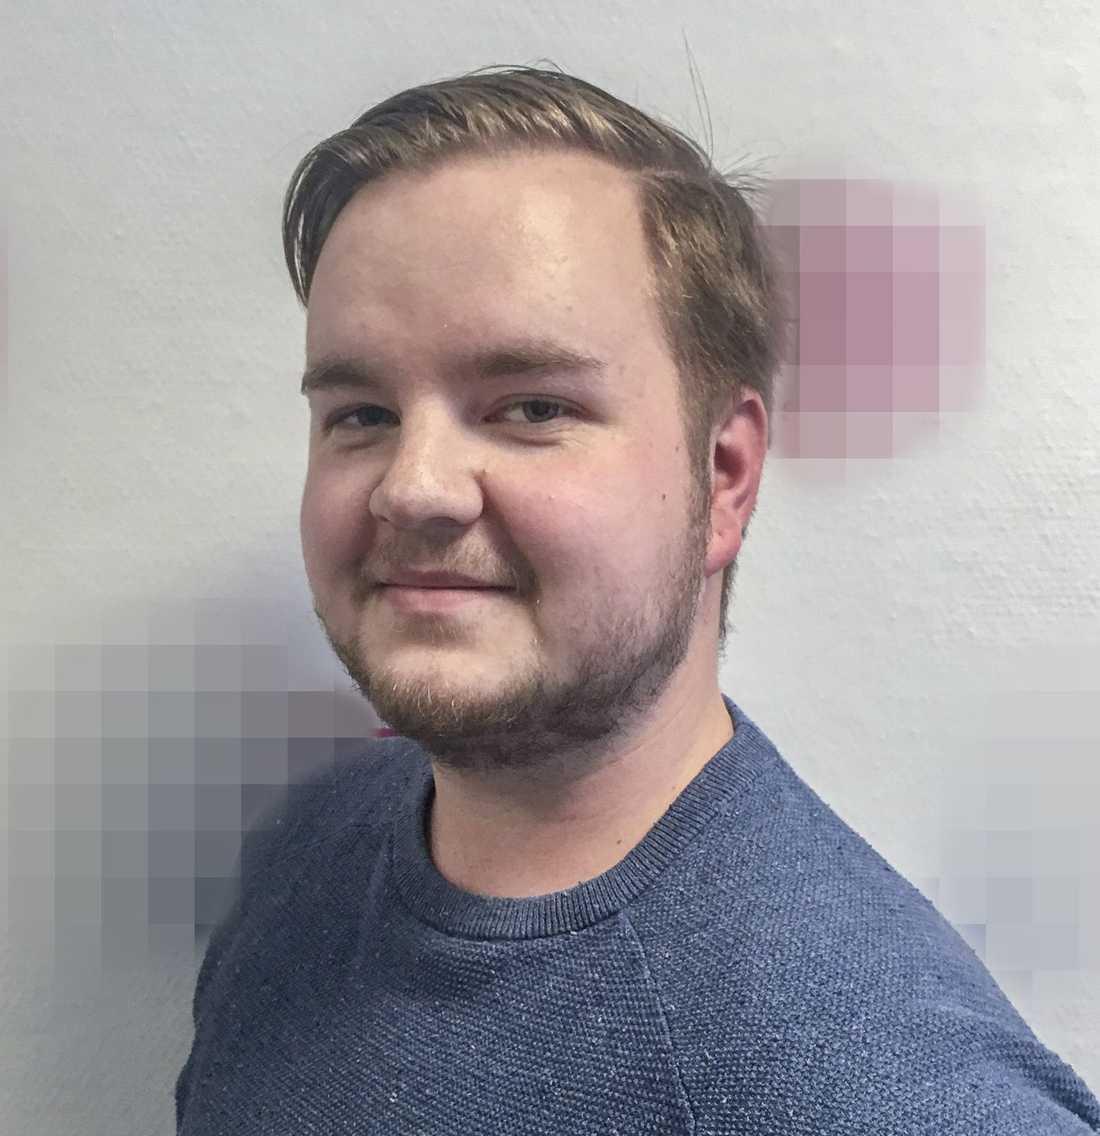 Heikki Bjørklund Paltto, 24, hittades knivmördad.